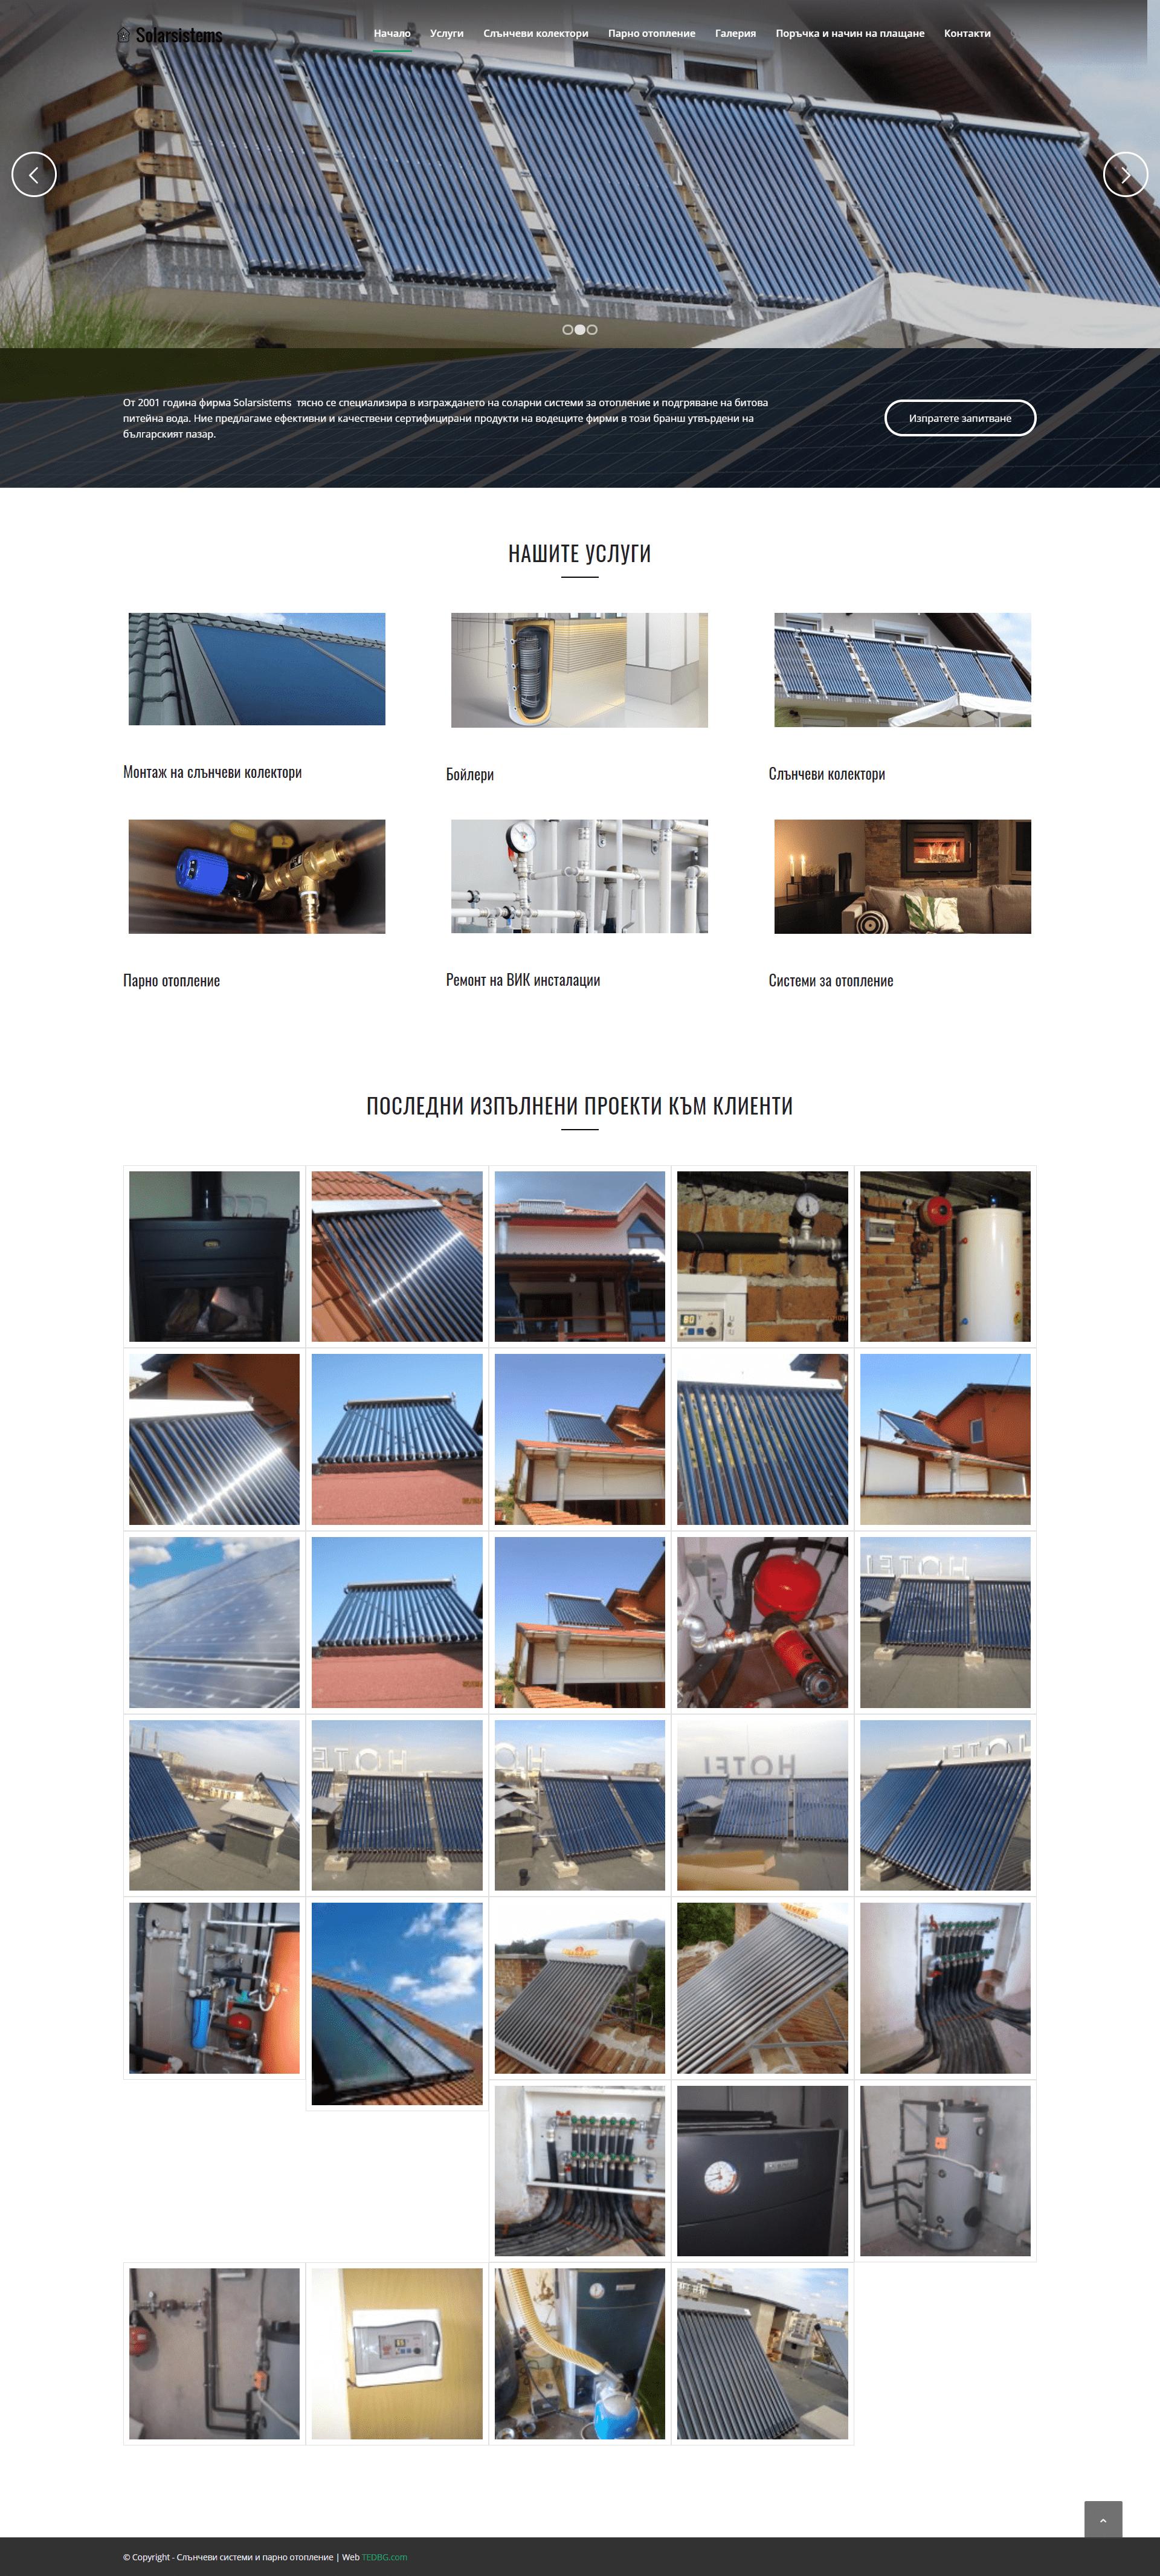 Solarsistemsbg-com Фирмен сайт за отопление, слънчеви колектори, котли на пелети, печки, камини